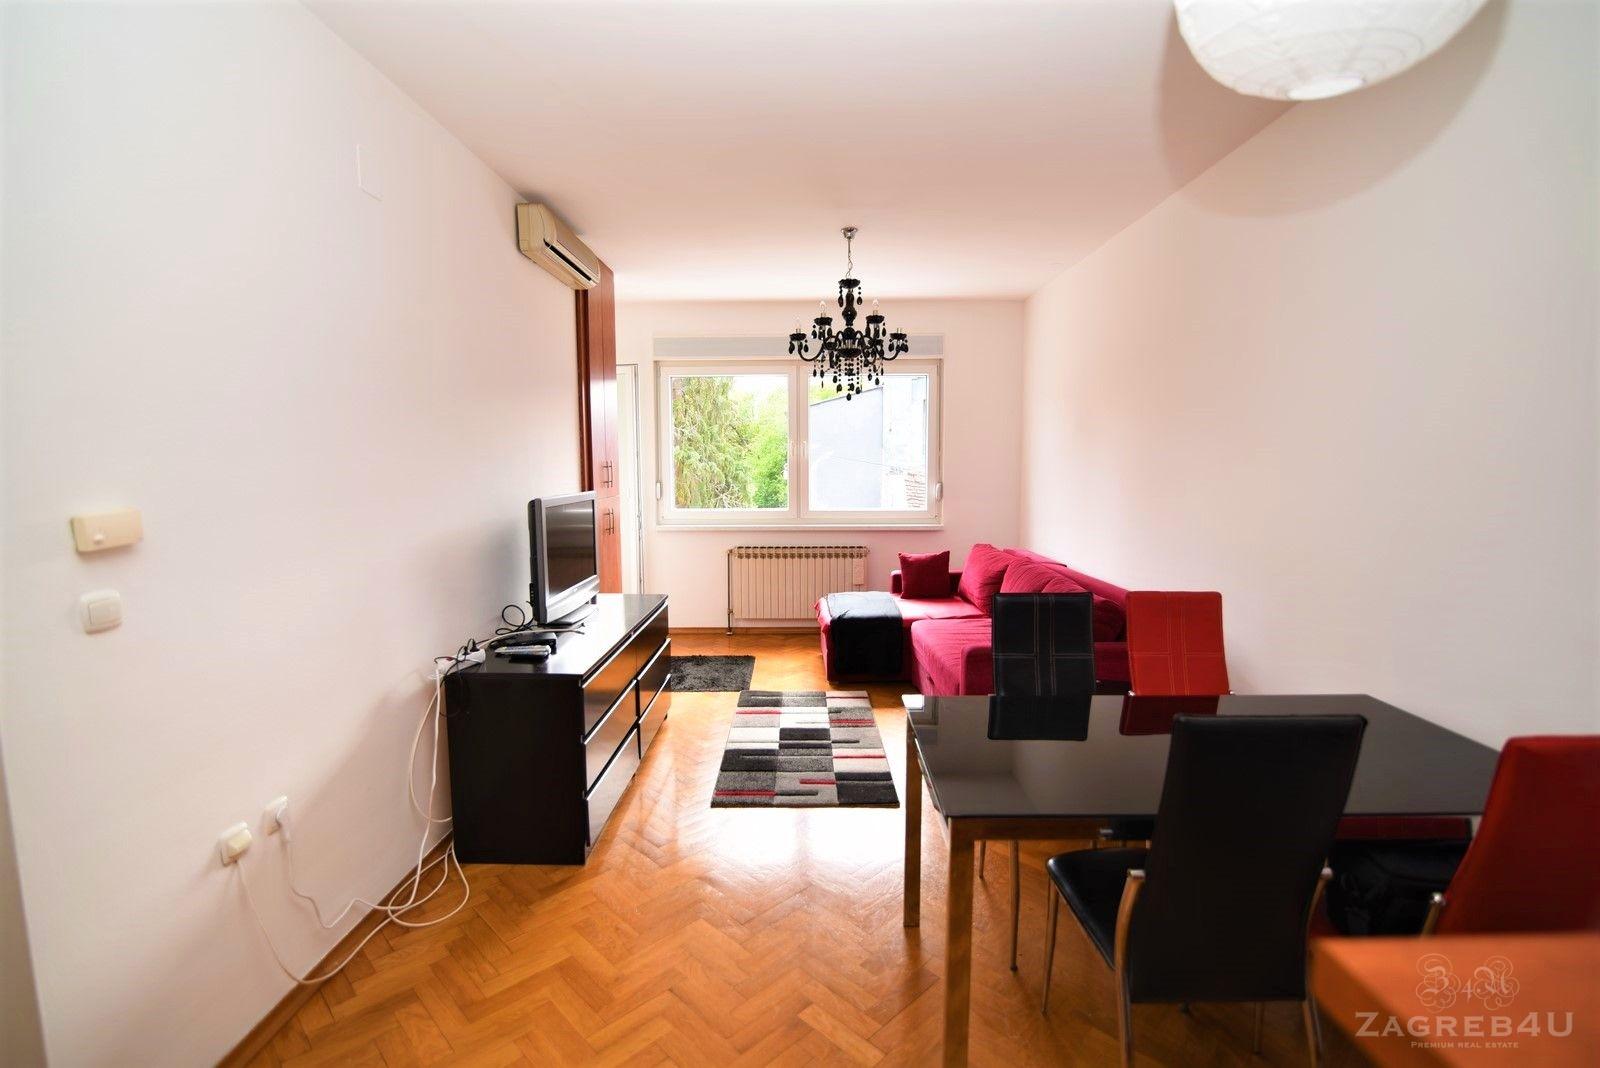 Zagreb - Centar - 2-sobni stan za najam (45 m2) + balkon - Nad Lipom